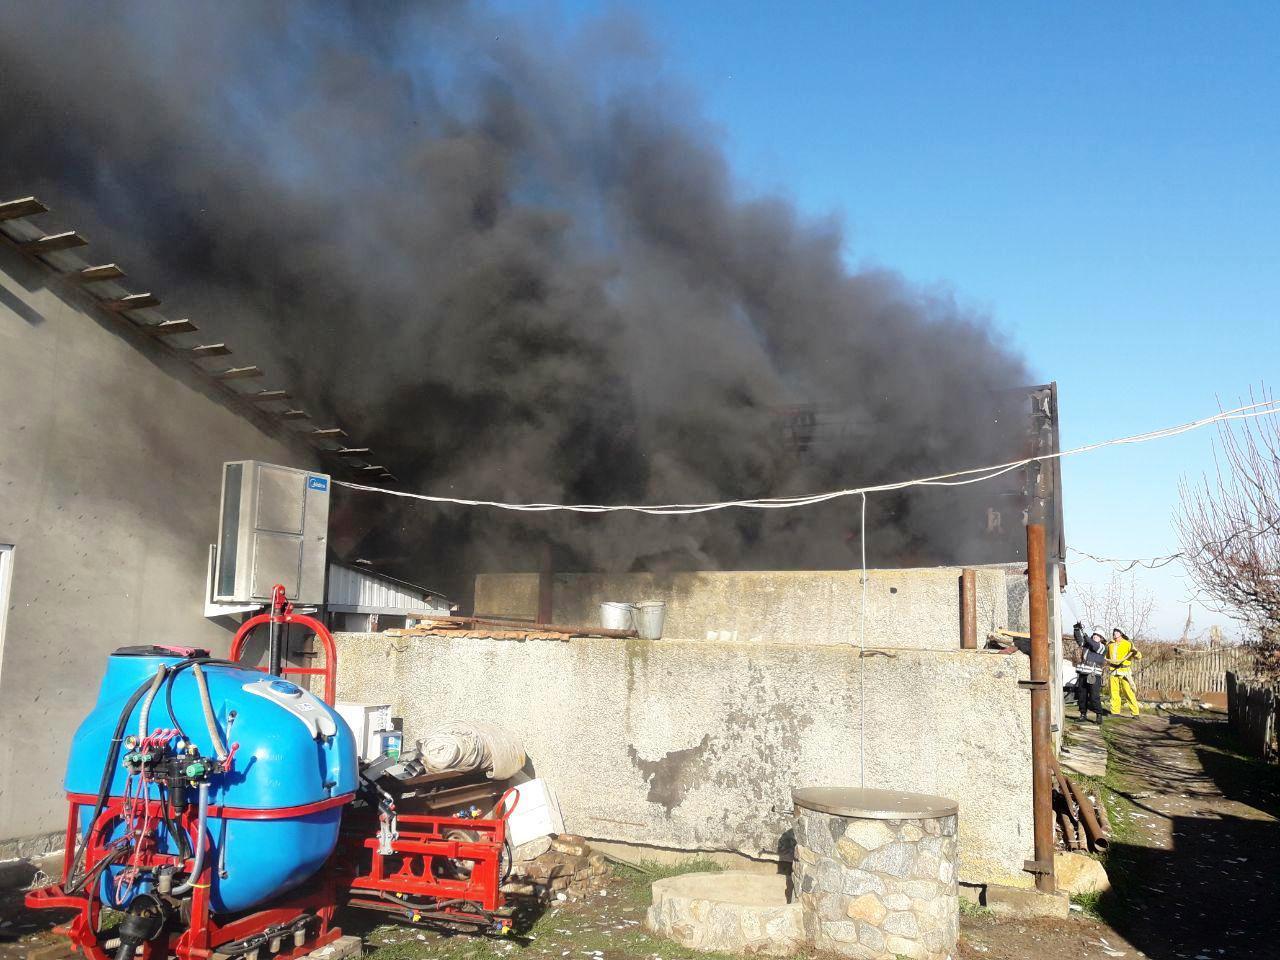 Над запорожским поселком пронеслись черные клубы дыма (Фото)